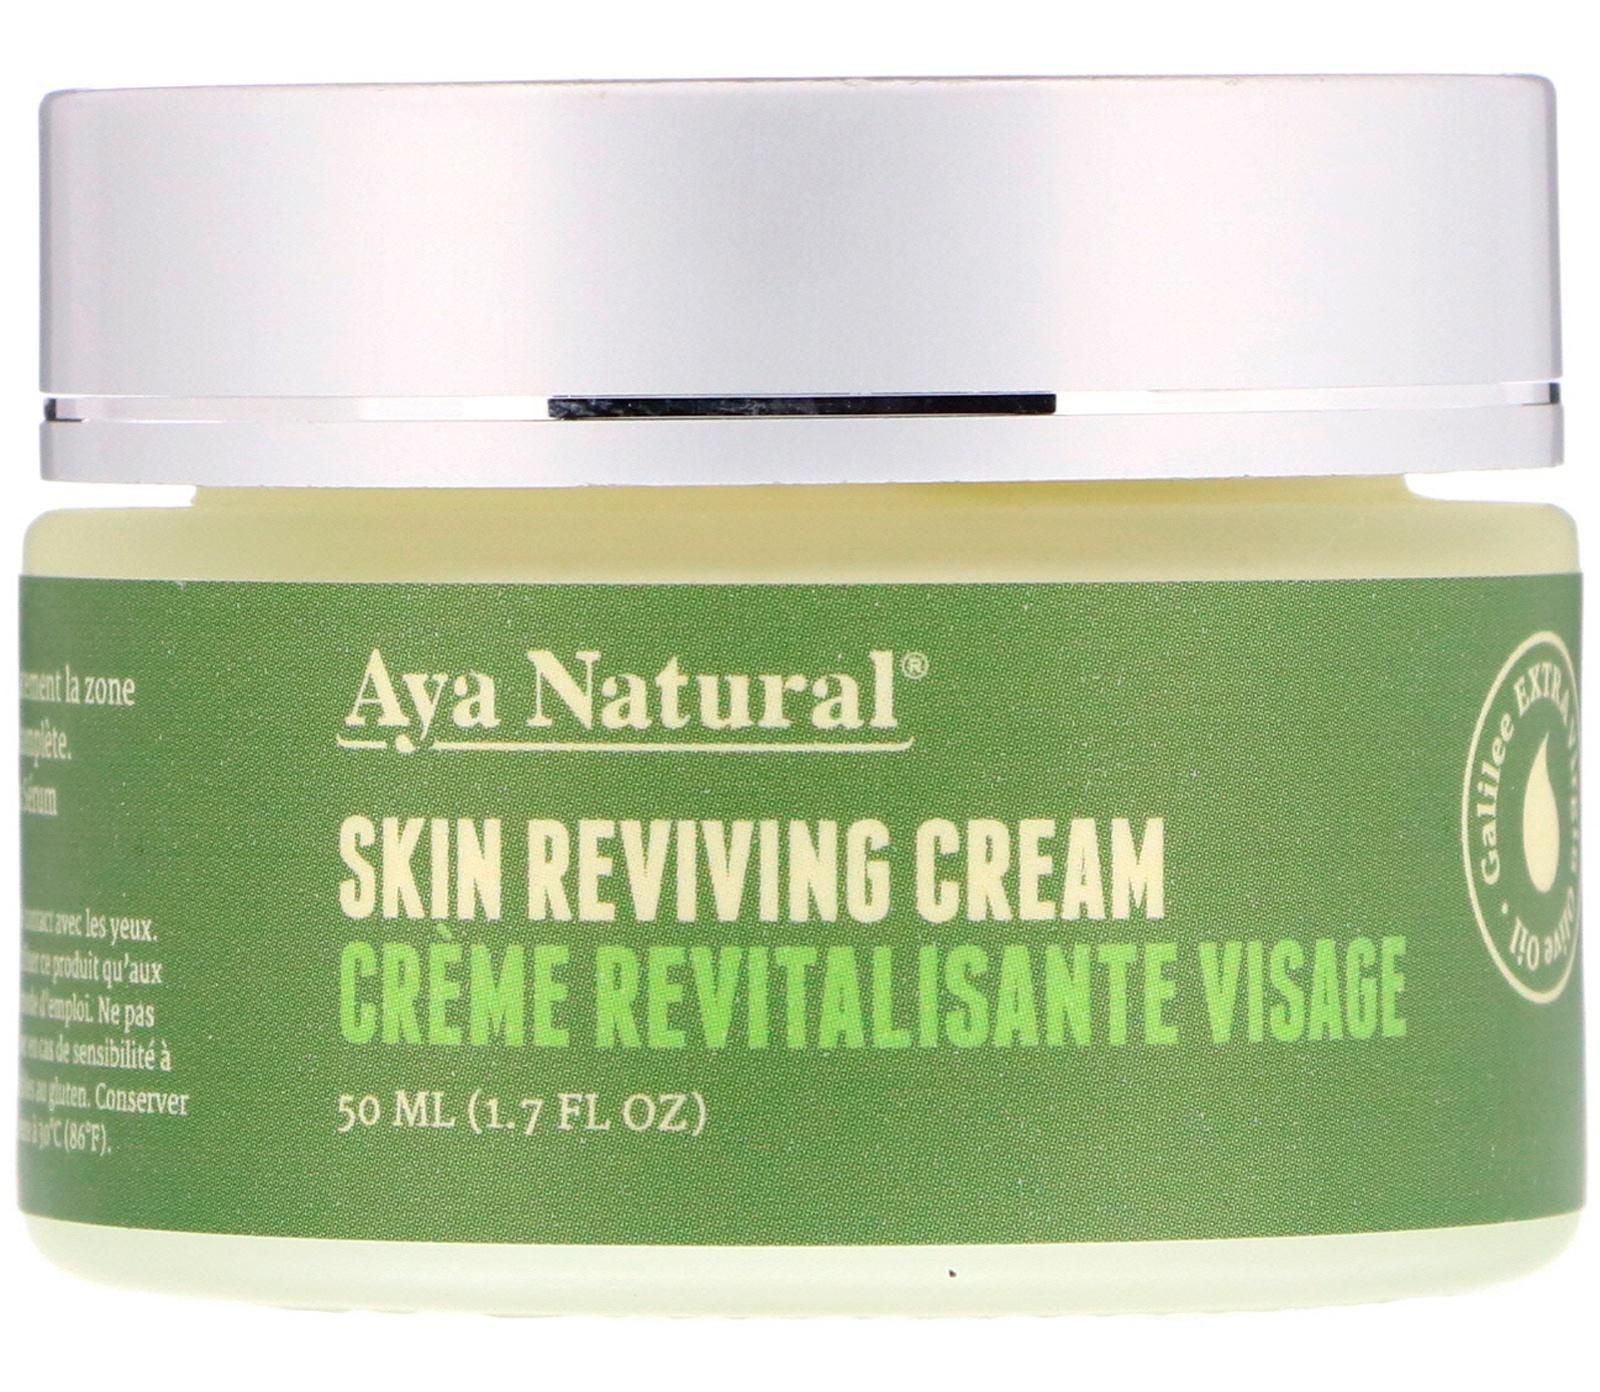 Aya Natural Skin Reviving Cream